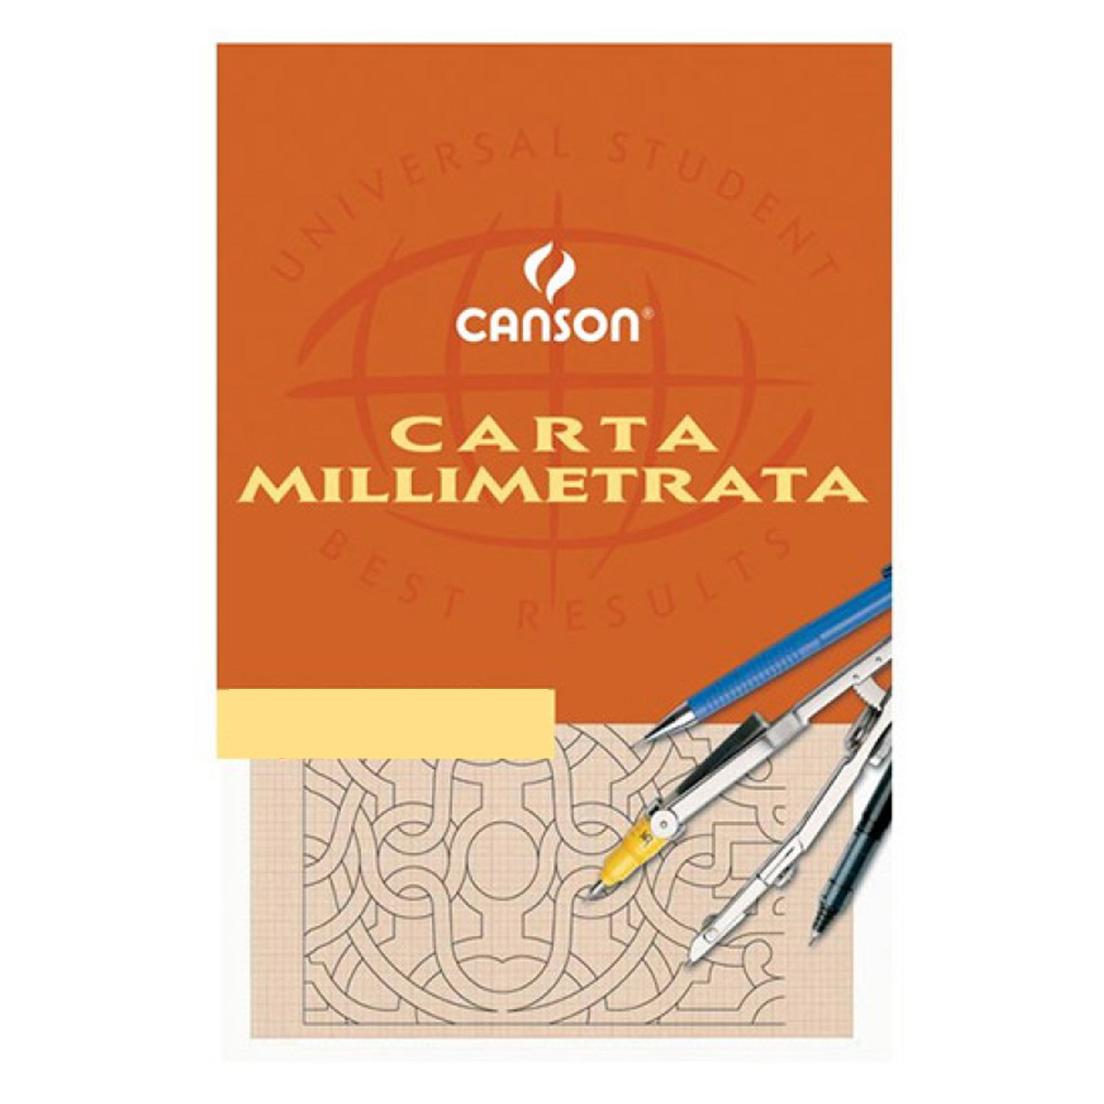 CARTA MILLIMETRATA 23x33cm 10 FOGLI 25pz